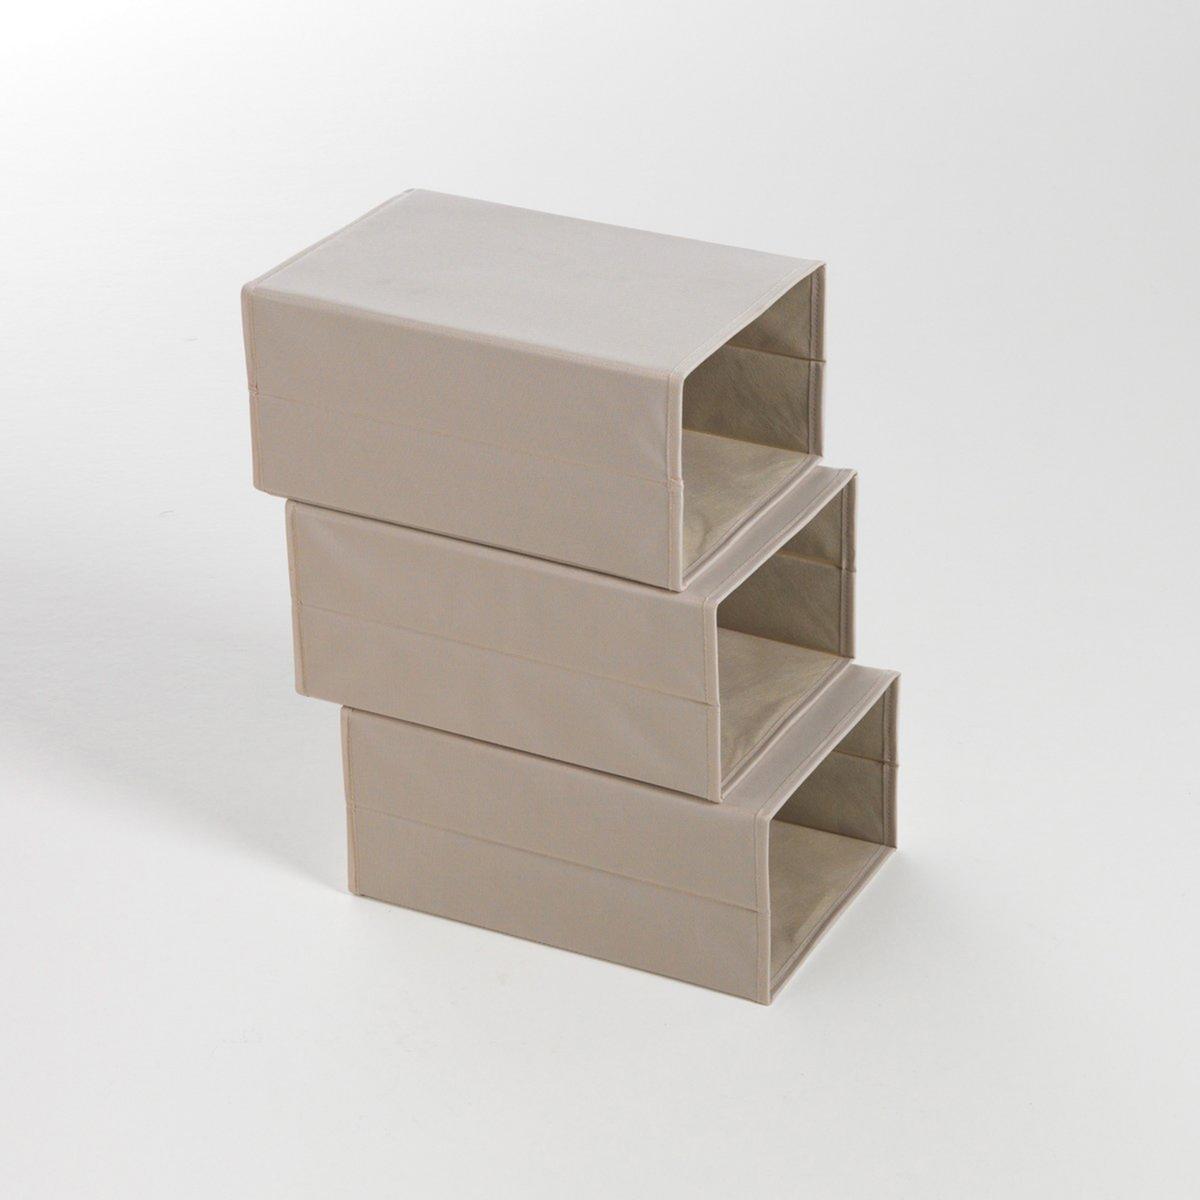 Комплект из 2 складных коробок для хранения обуви